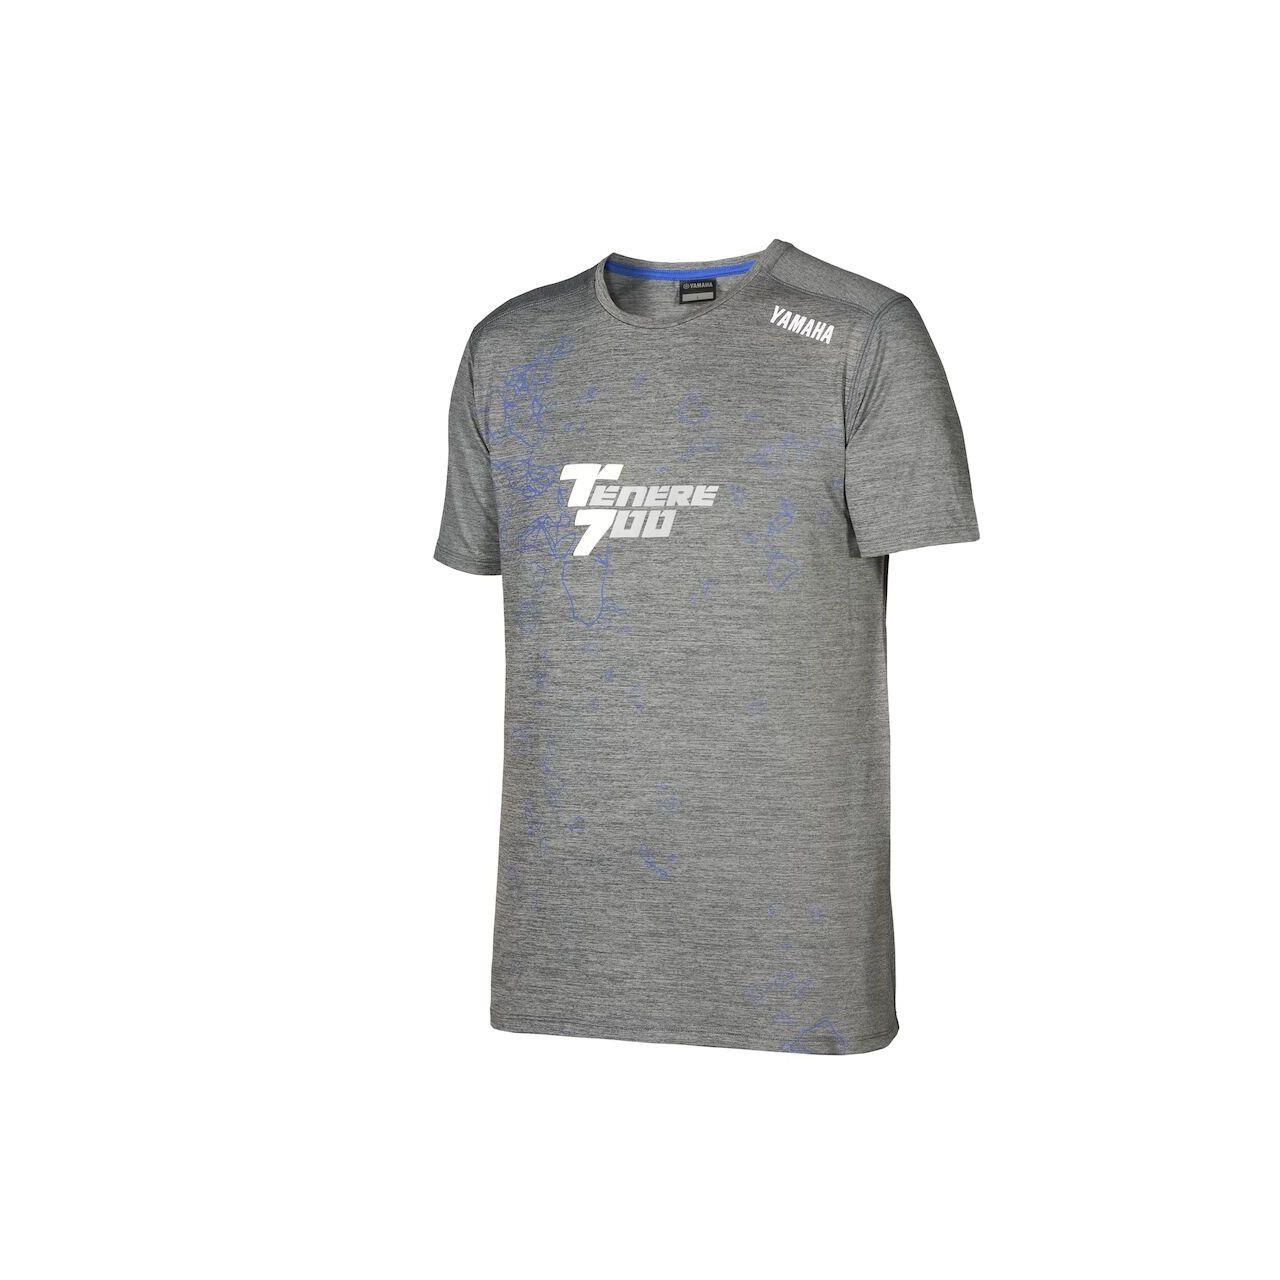 YAMAHA T-Shirt homme Ténéré 700